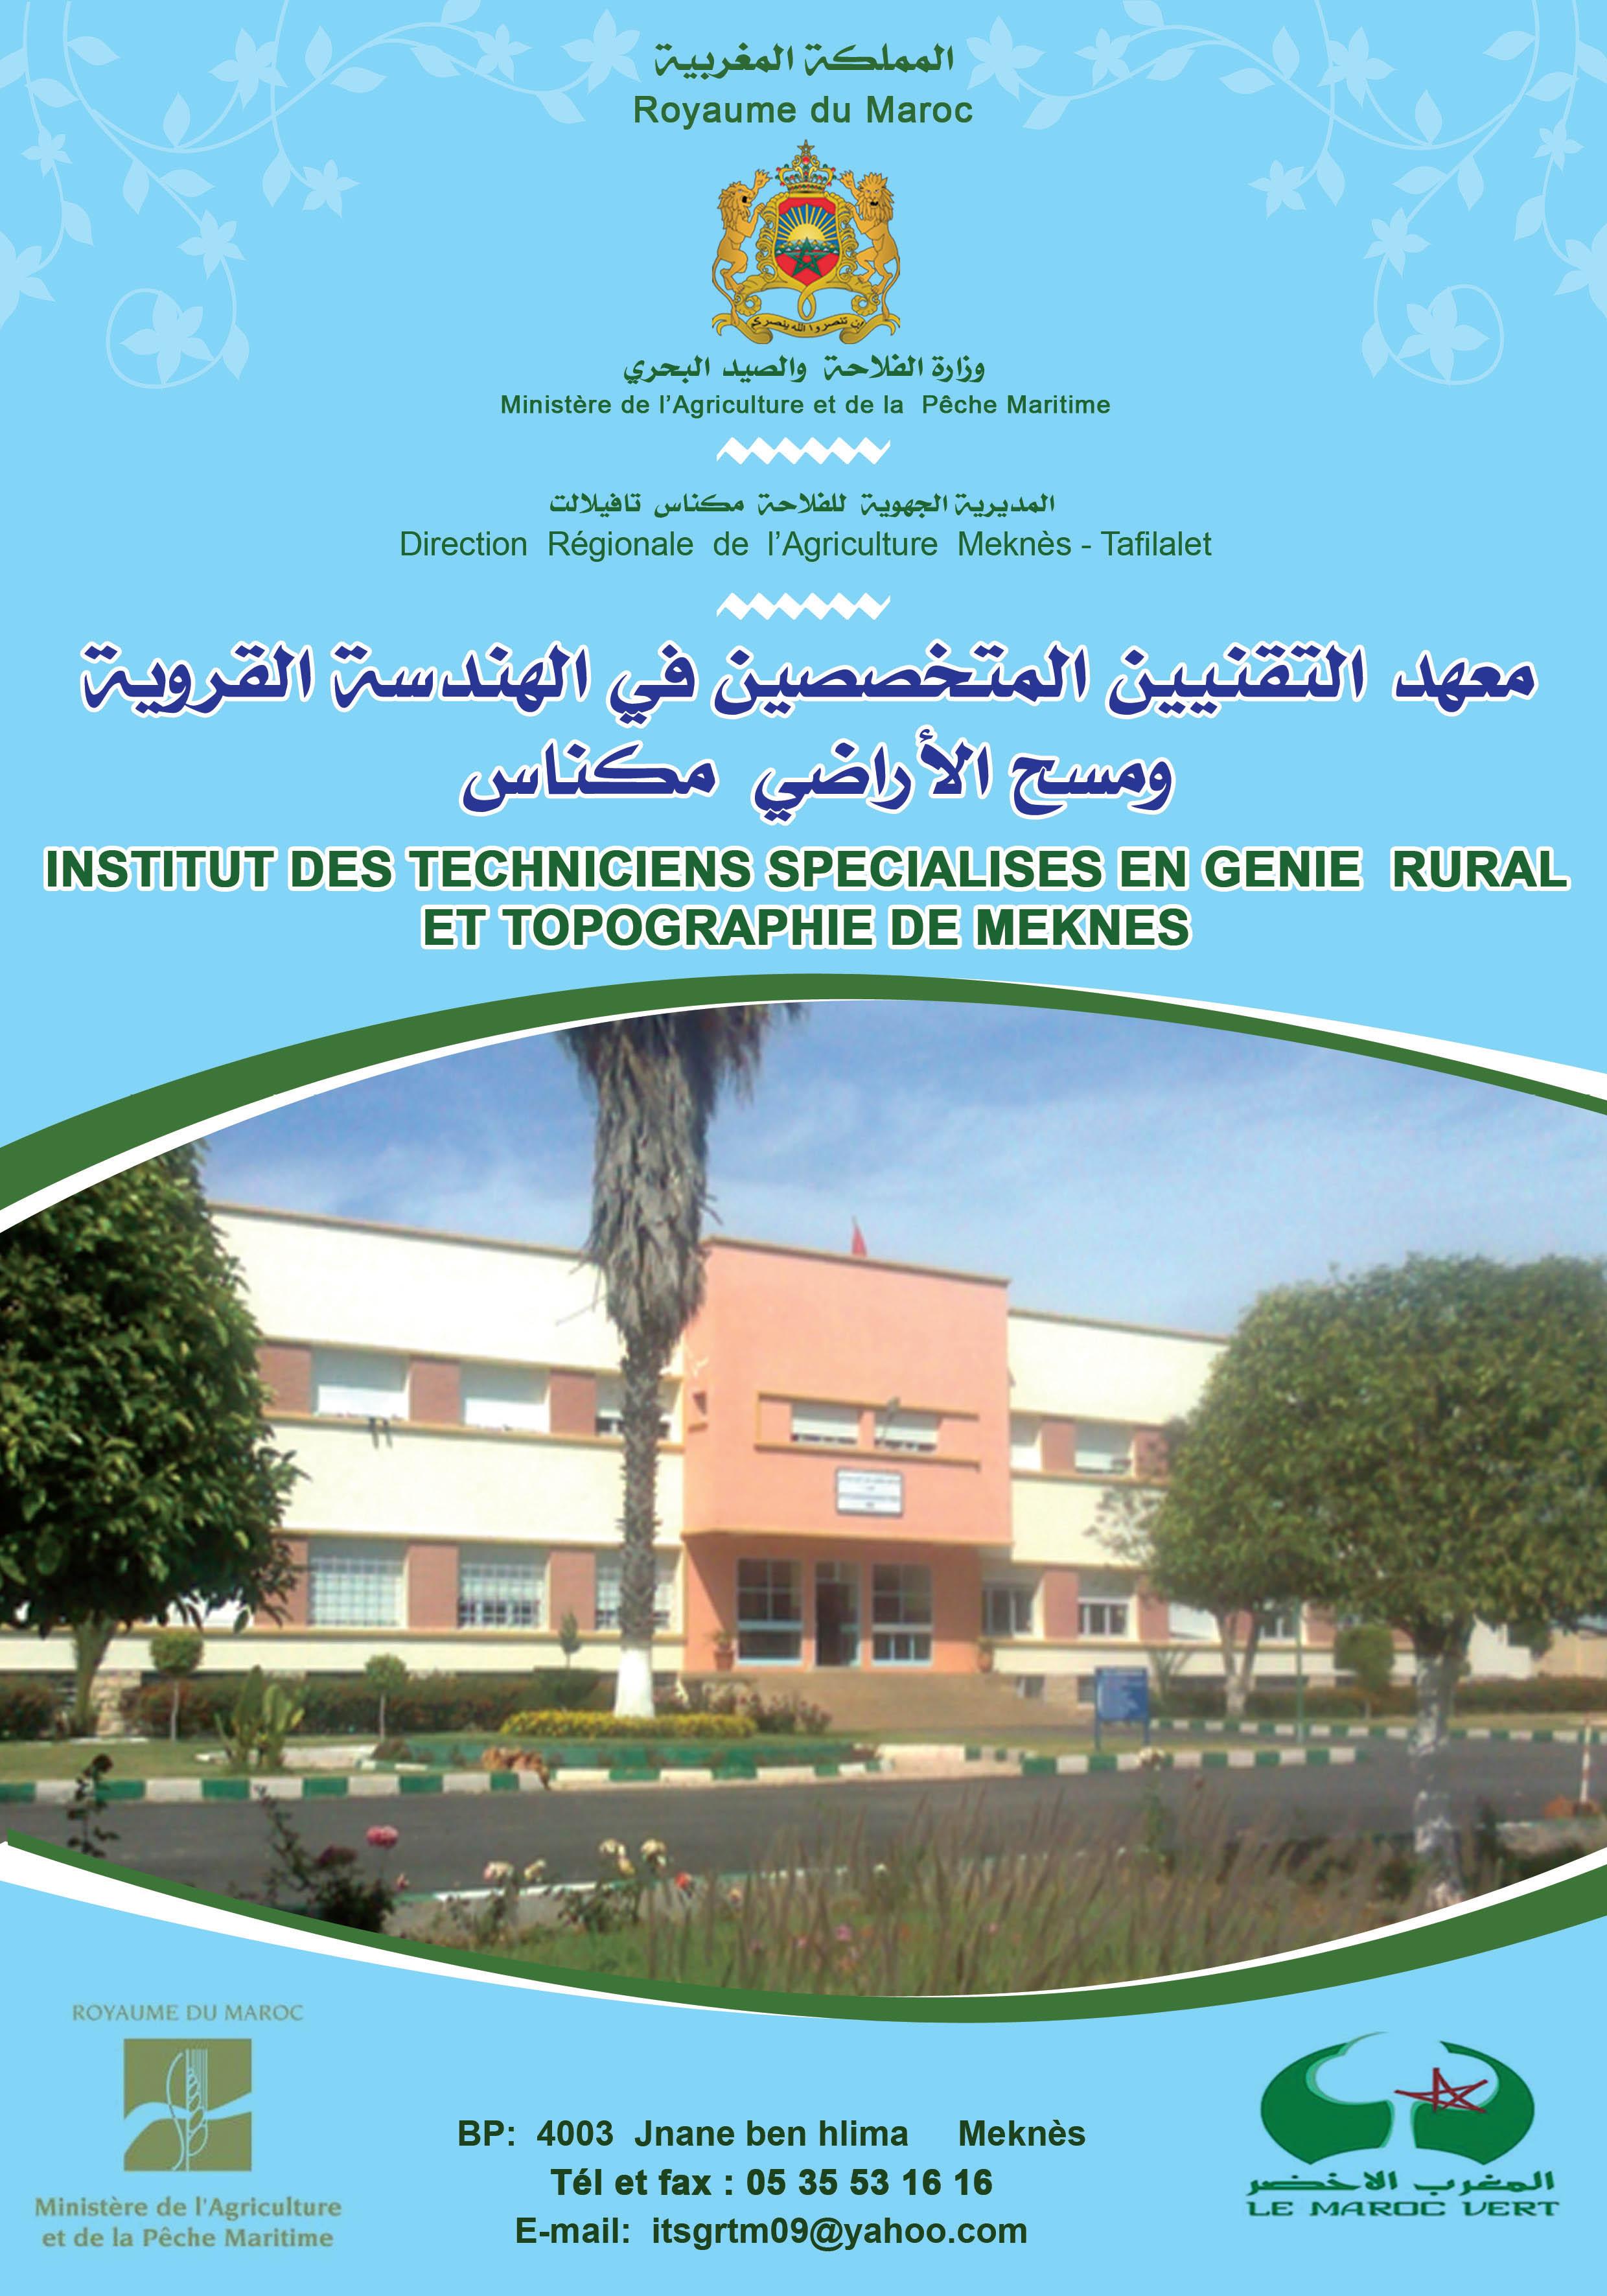 معهد التقنيين المتخصصين في الهندسة القروية و مسح الأراضي ( الجزء 1 )